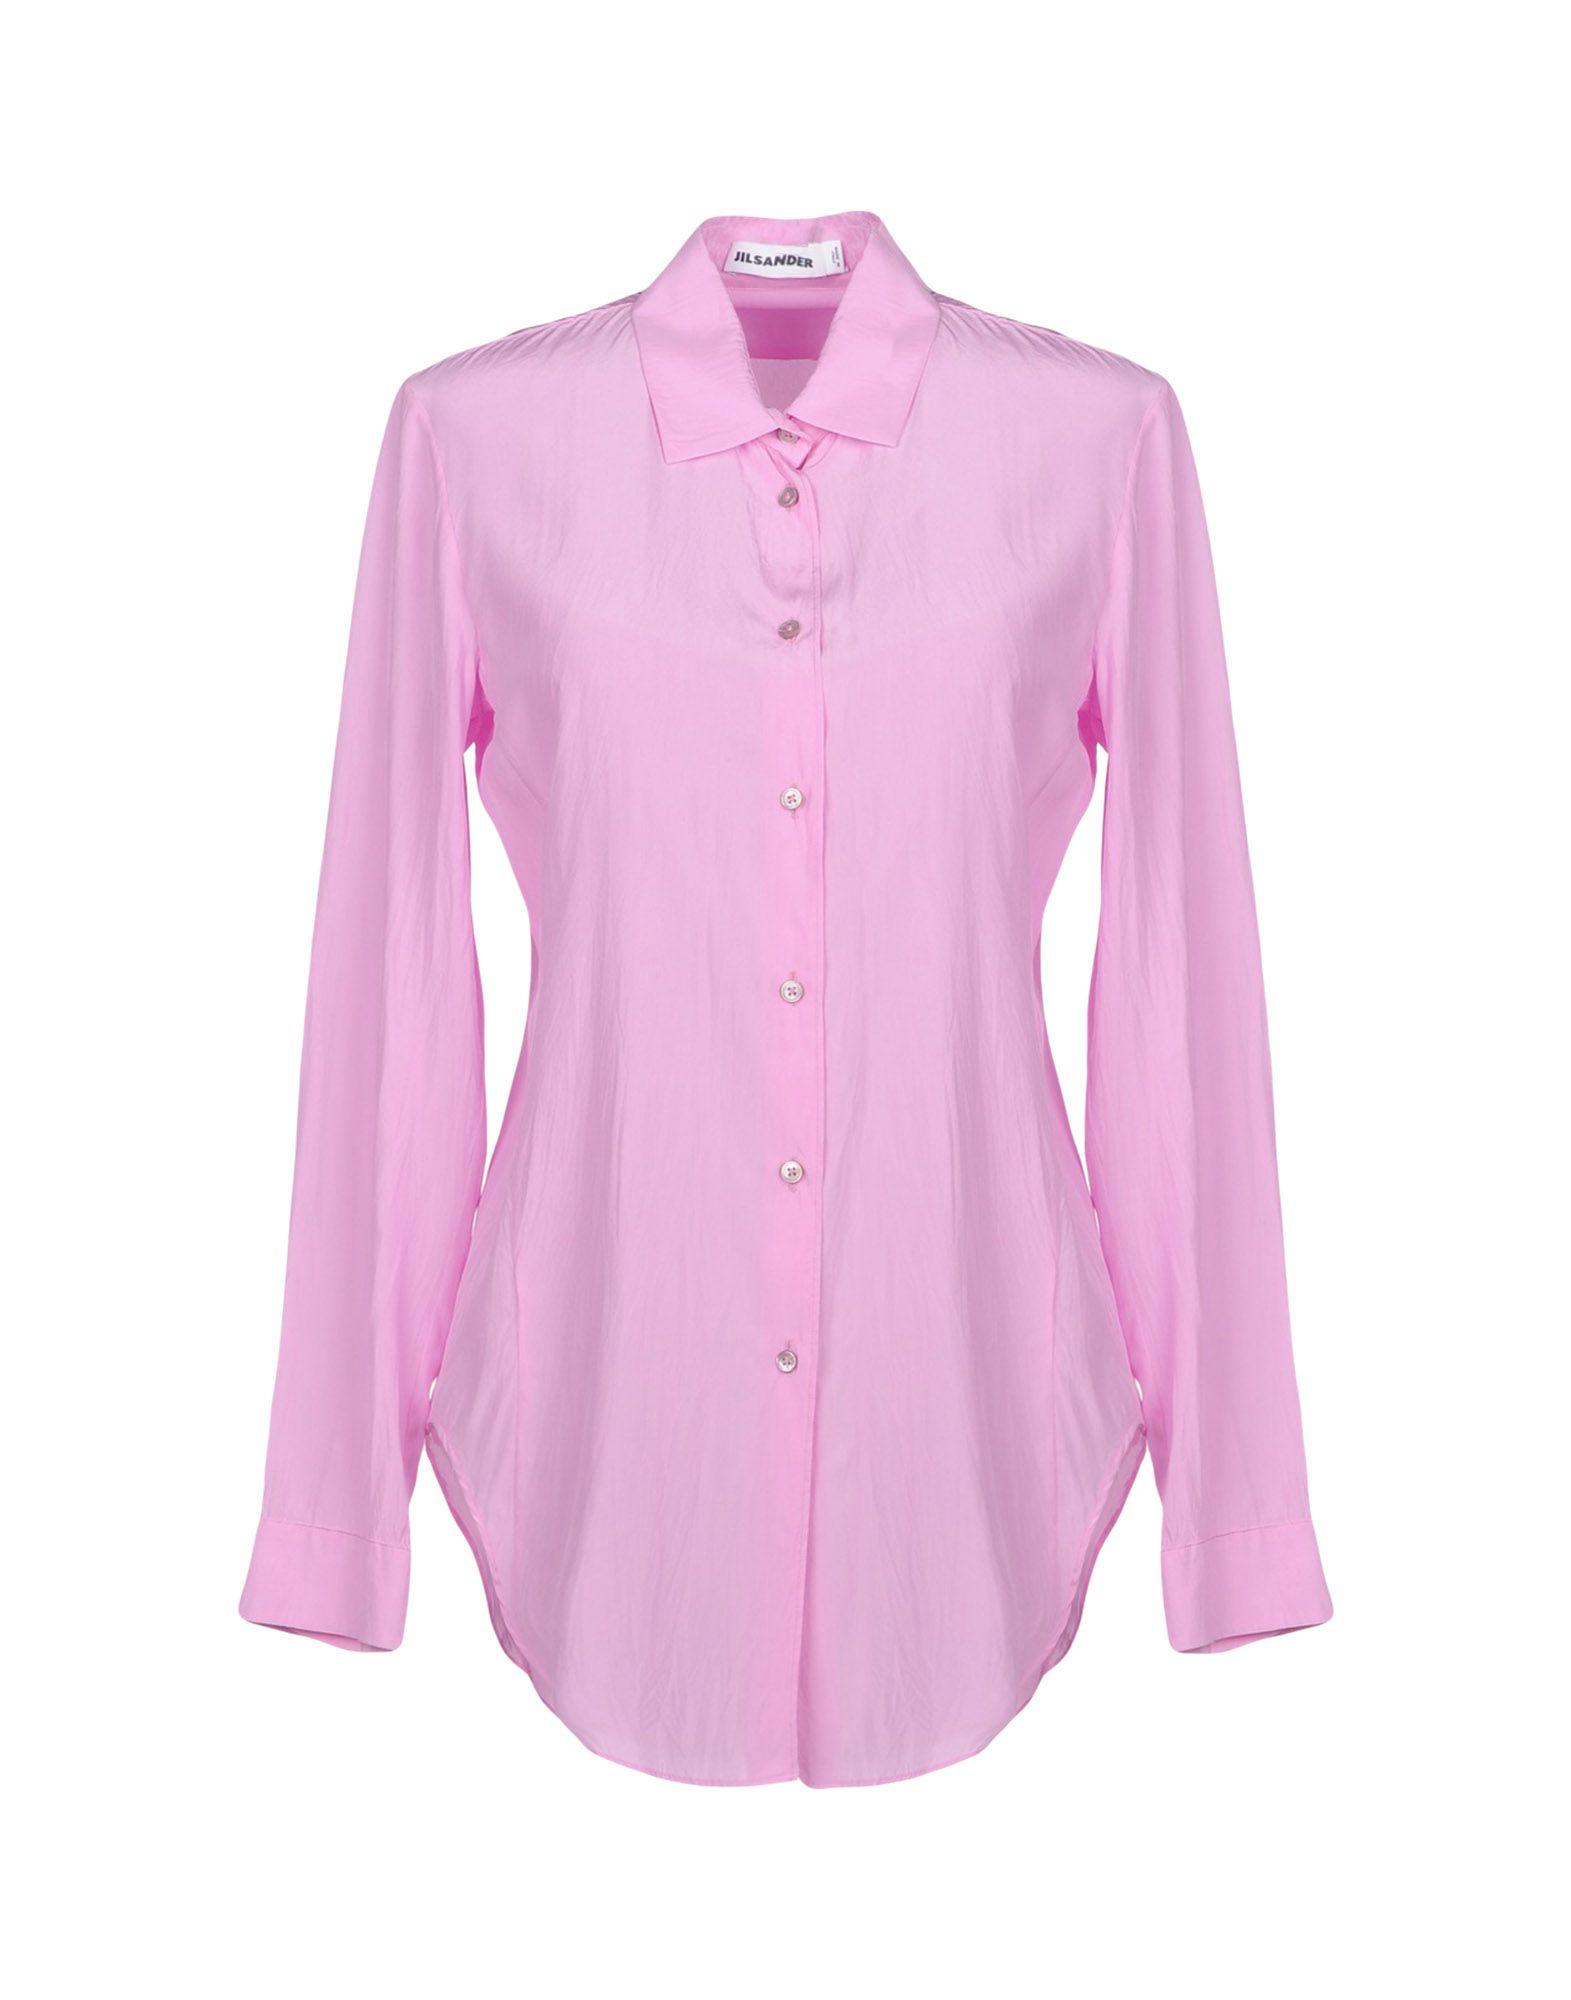 Camicie E Bluse In Seta Jil Sander Donna - Acquista online su Uq5Ger25Xh